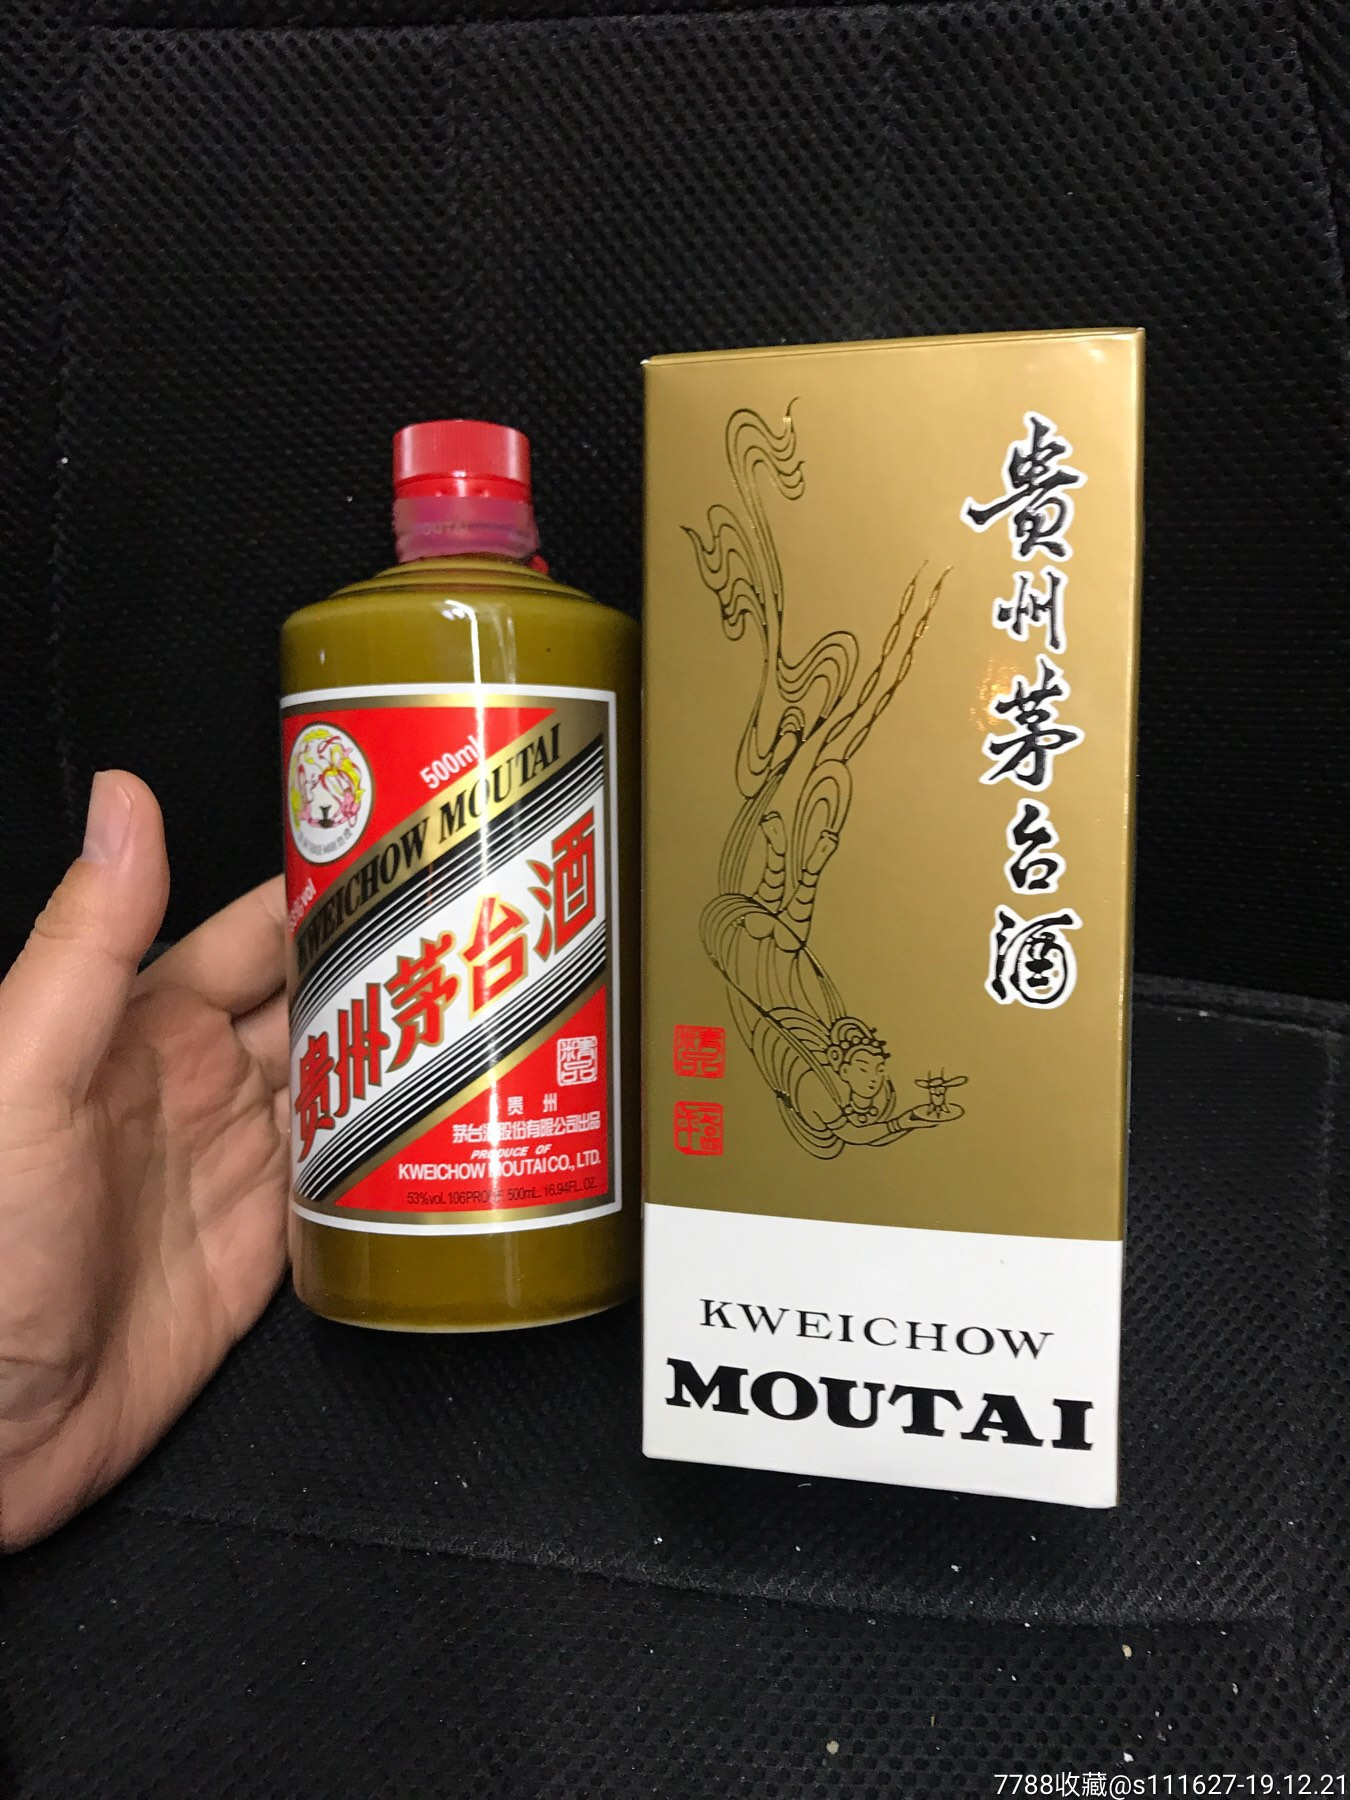 2019年酱瓶茅台酒(au21959164)_